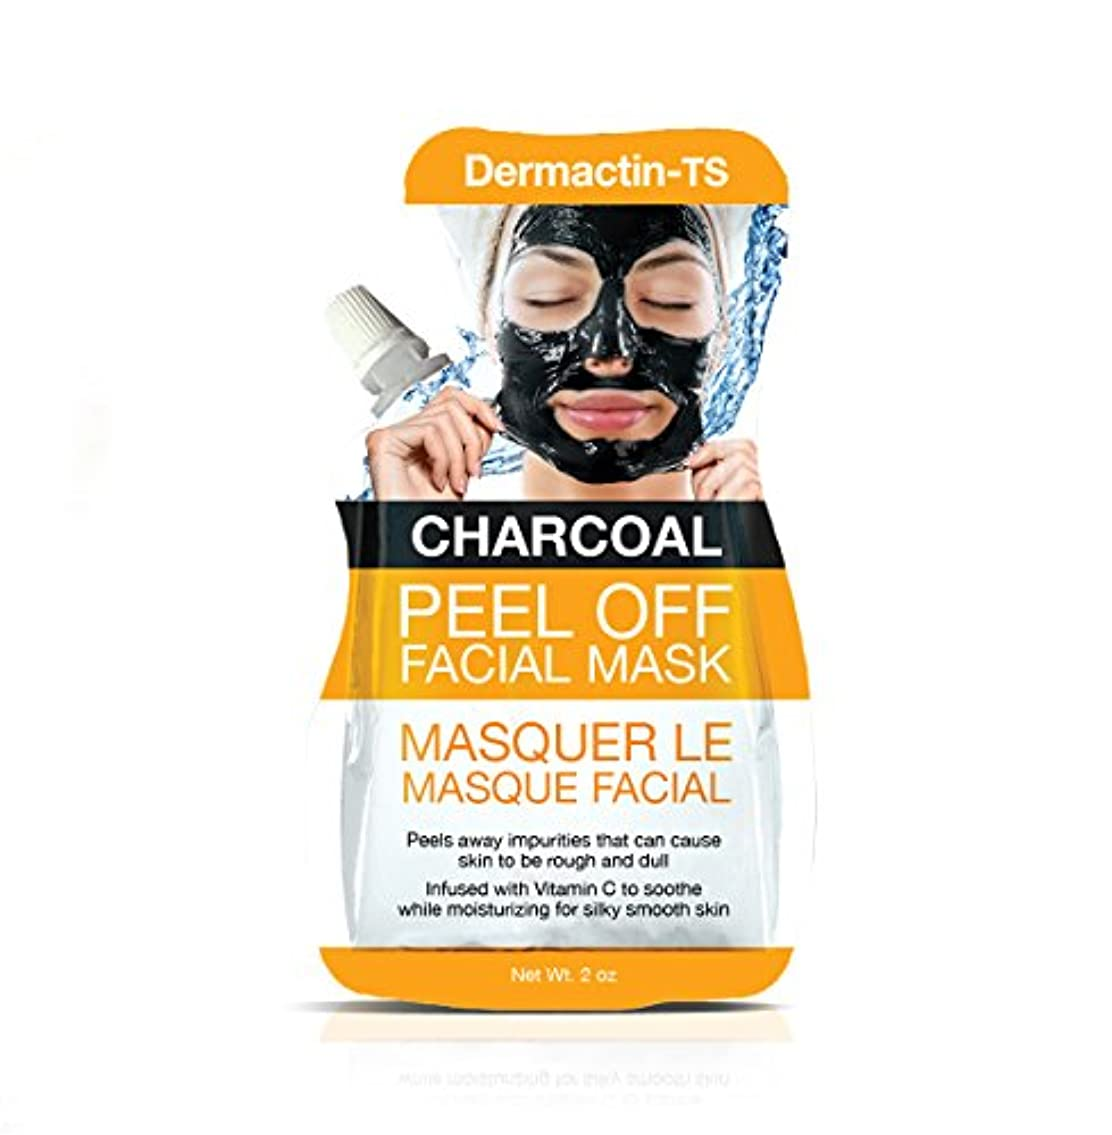 塩辛いミル部門Dermactin-TS フェイシャルマスクを剥がすチャコール50 g (並行輸入品)